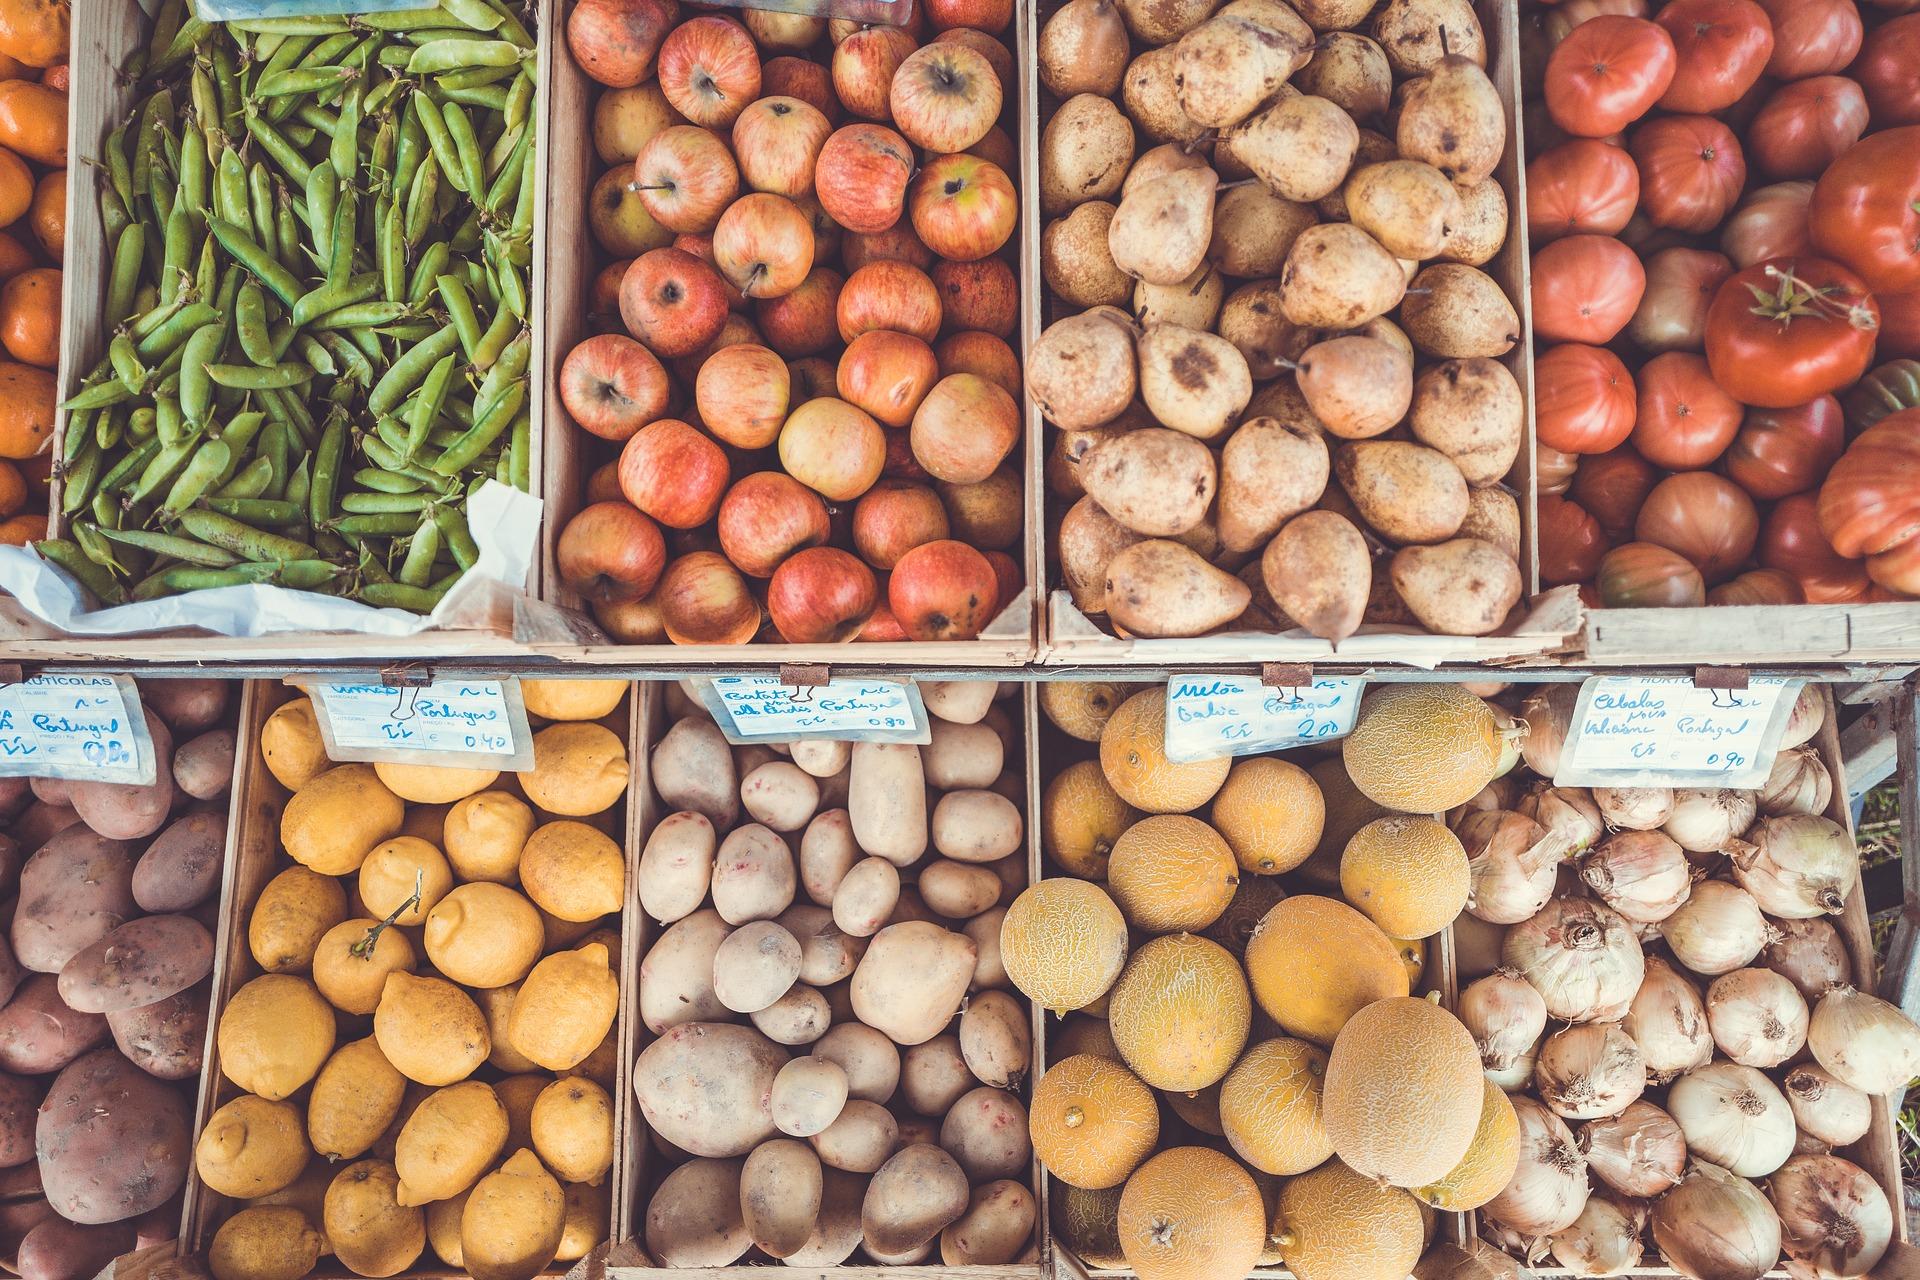 Lebensmittel Richtigen Lagern: So Wird Nichts Mehr Schlecht!   VeganBlatt